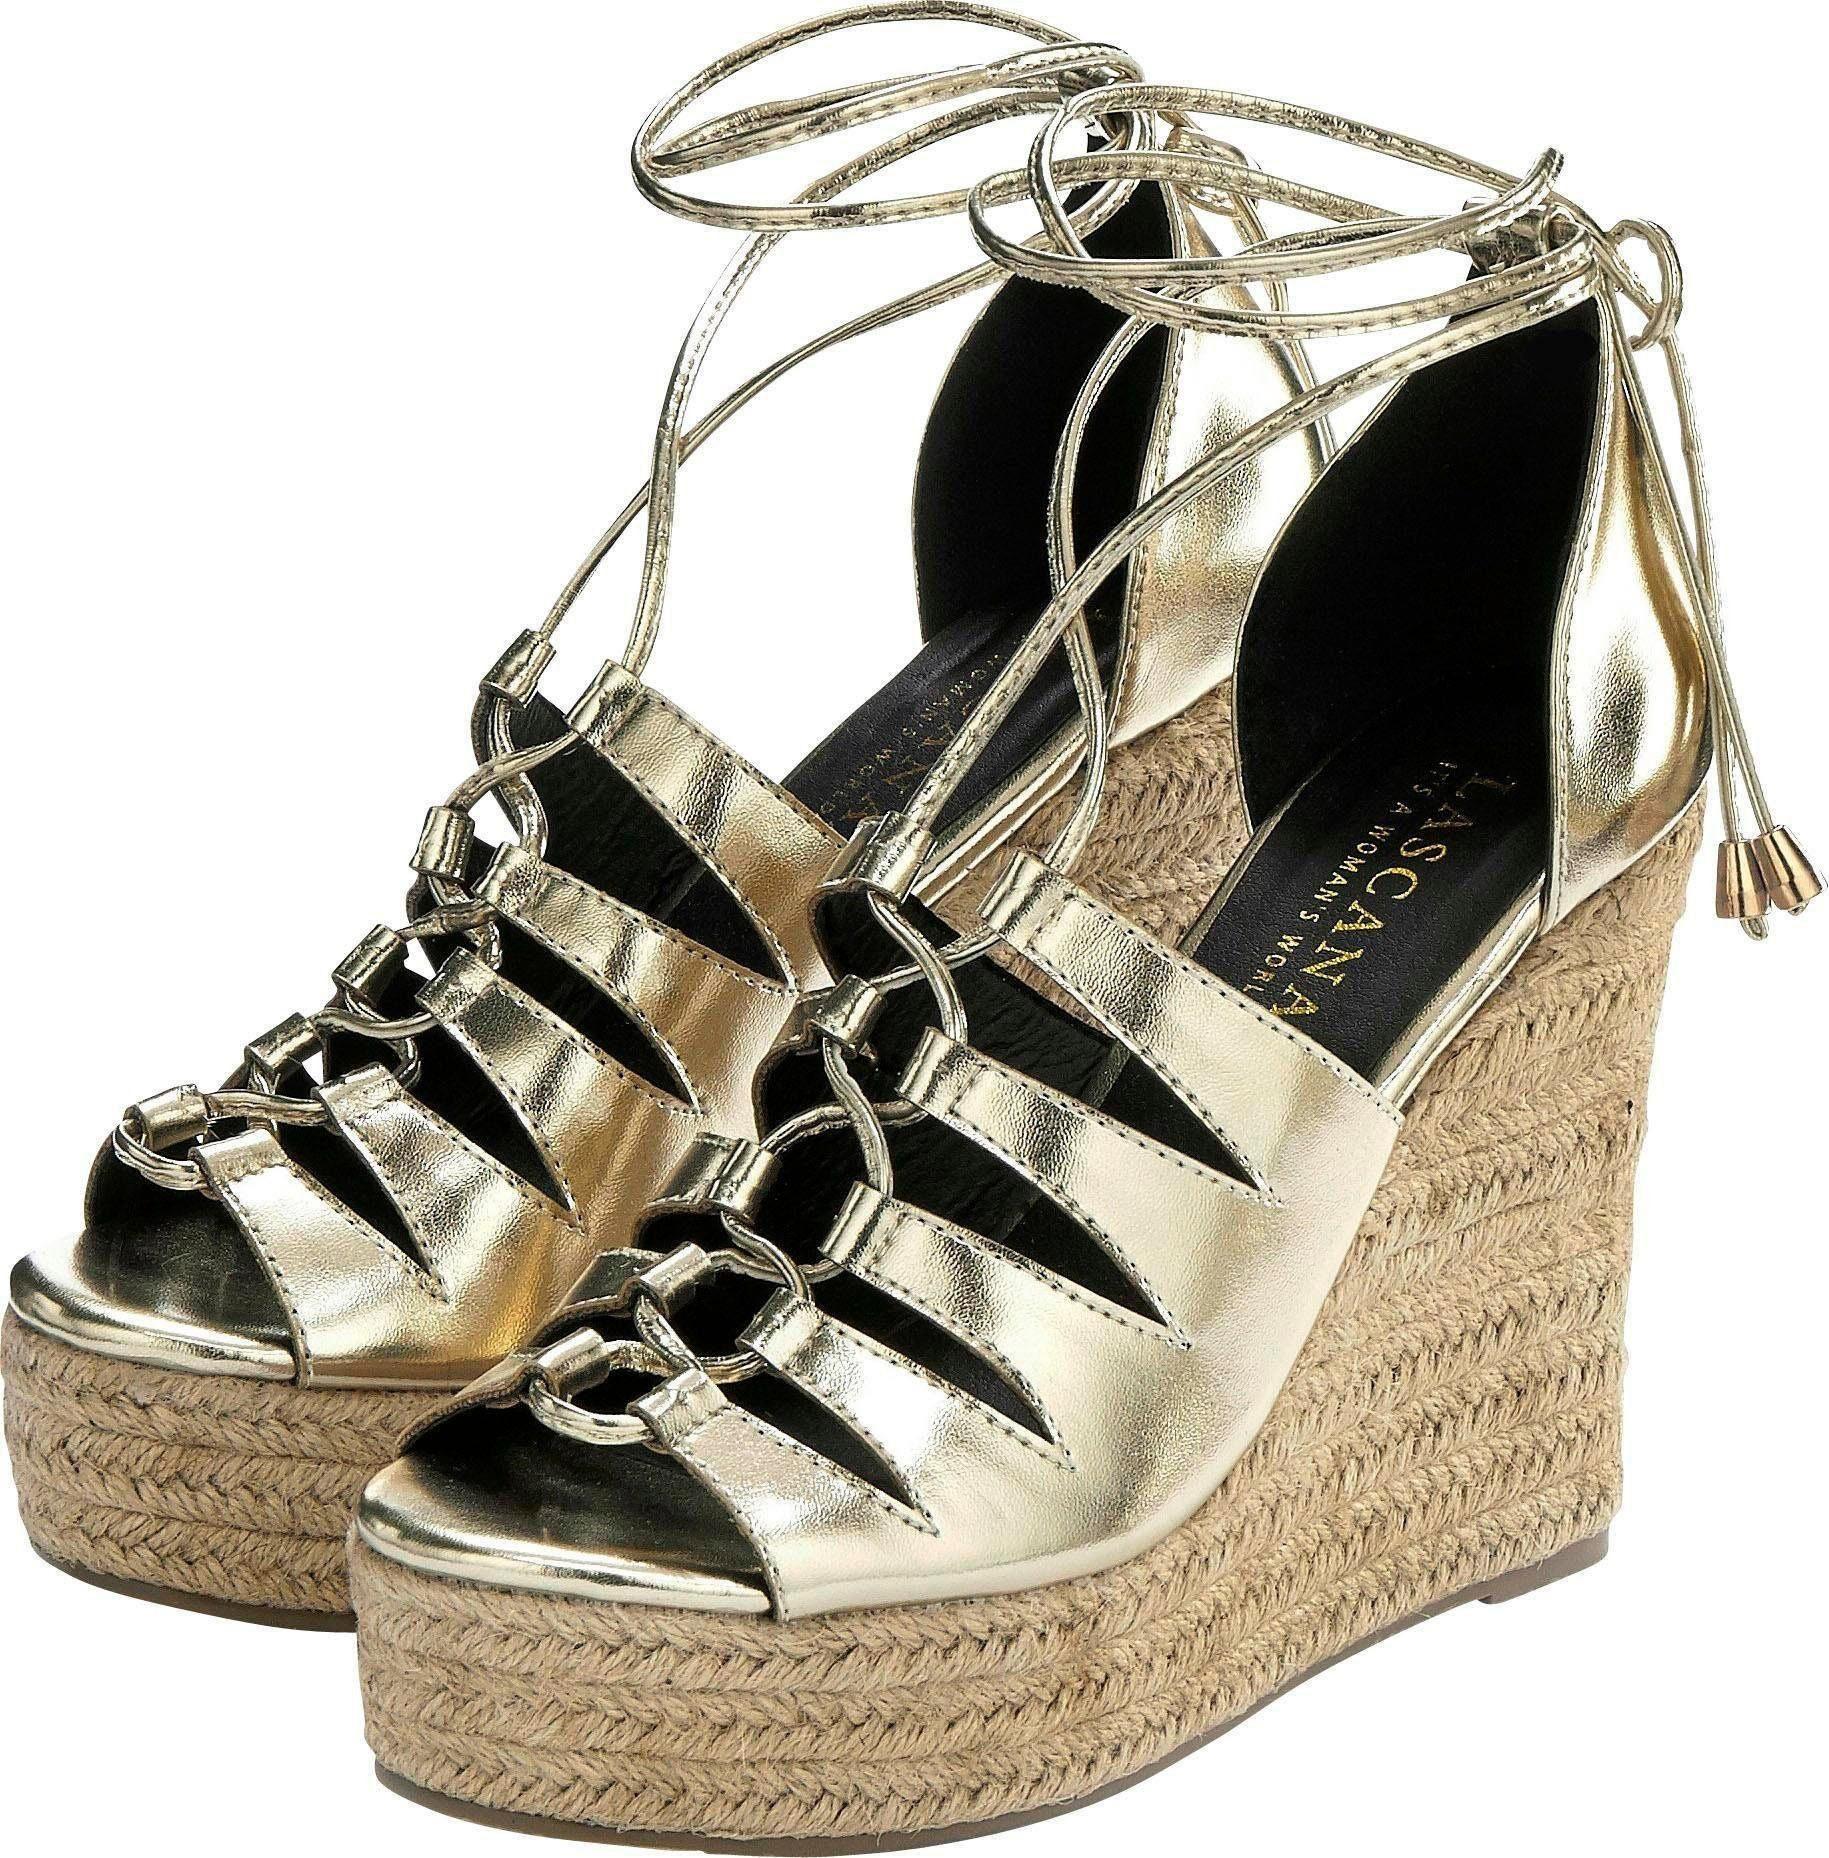 Nietenbesetzte Schuhe mit Keilabsatz und schmalen Riemchen